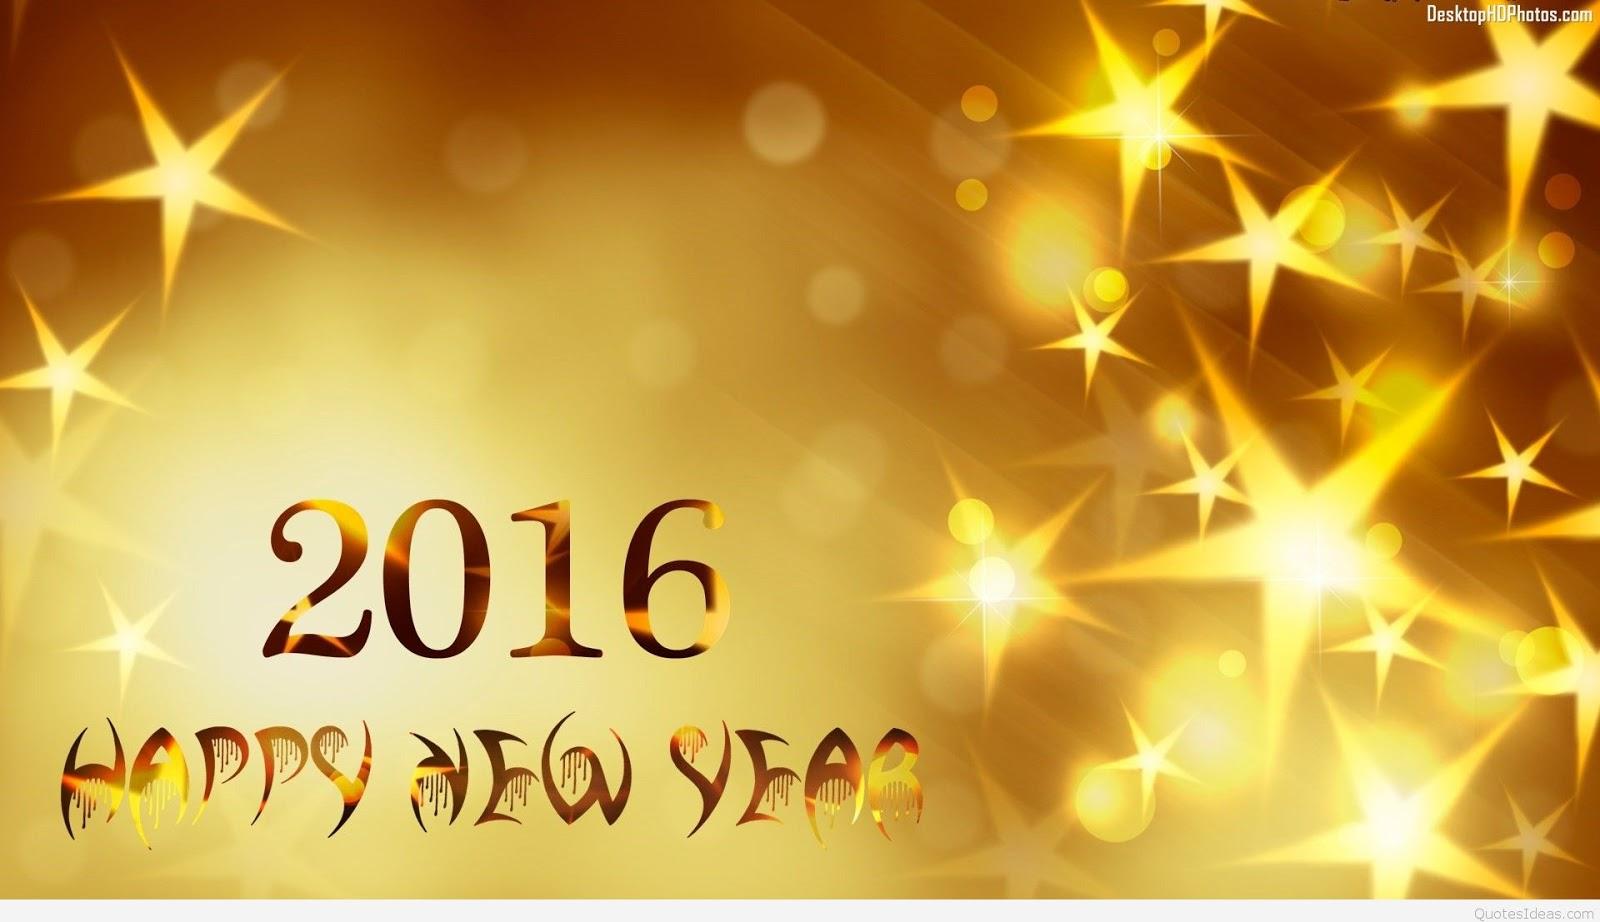 những hình ảnh chúc mừng năm mới đẹp nhất